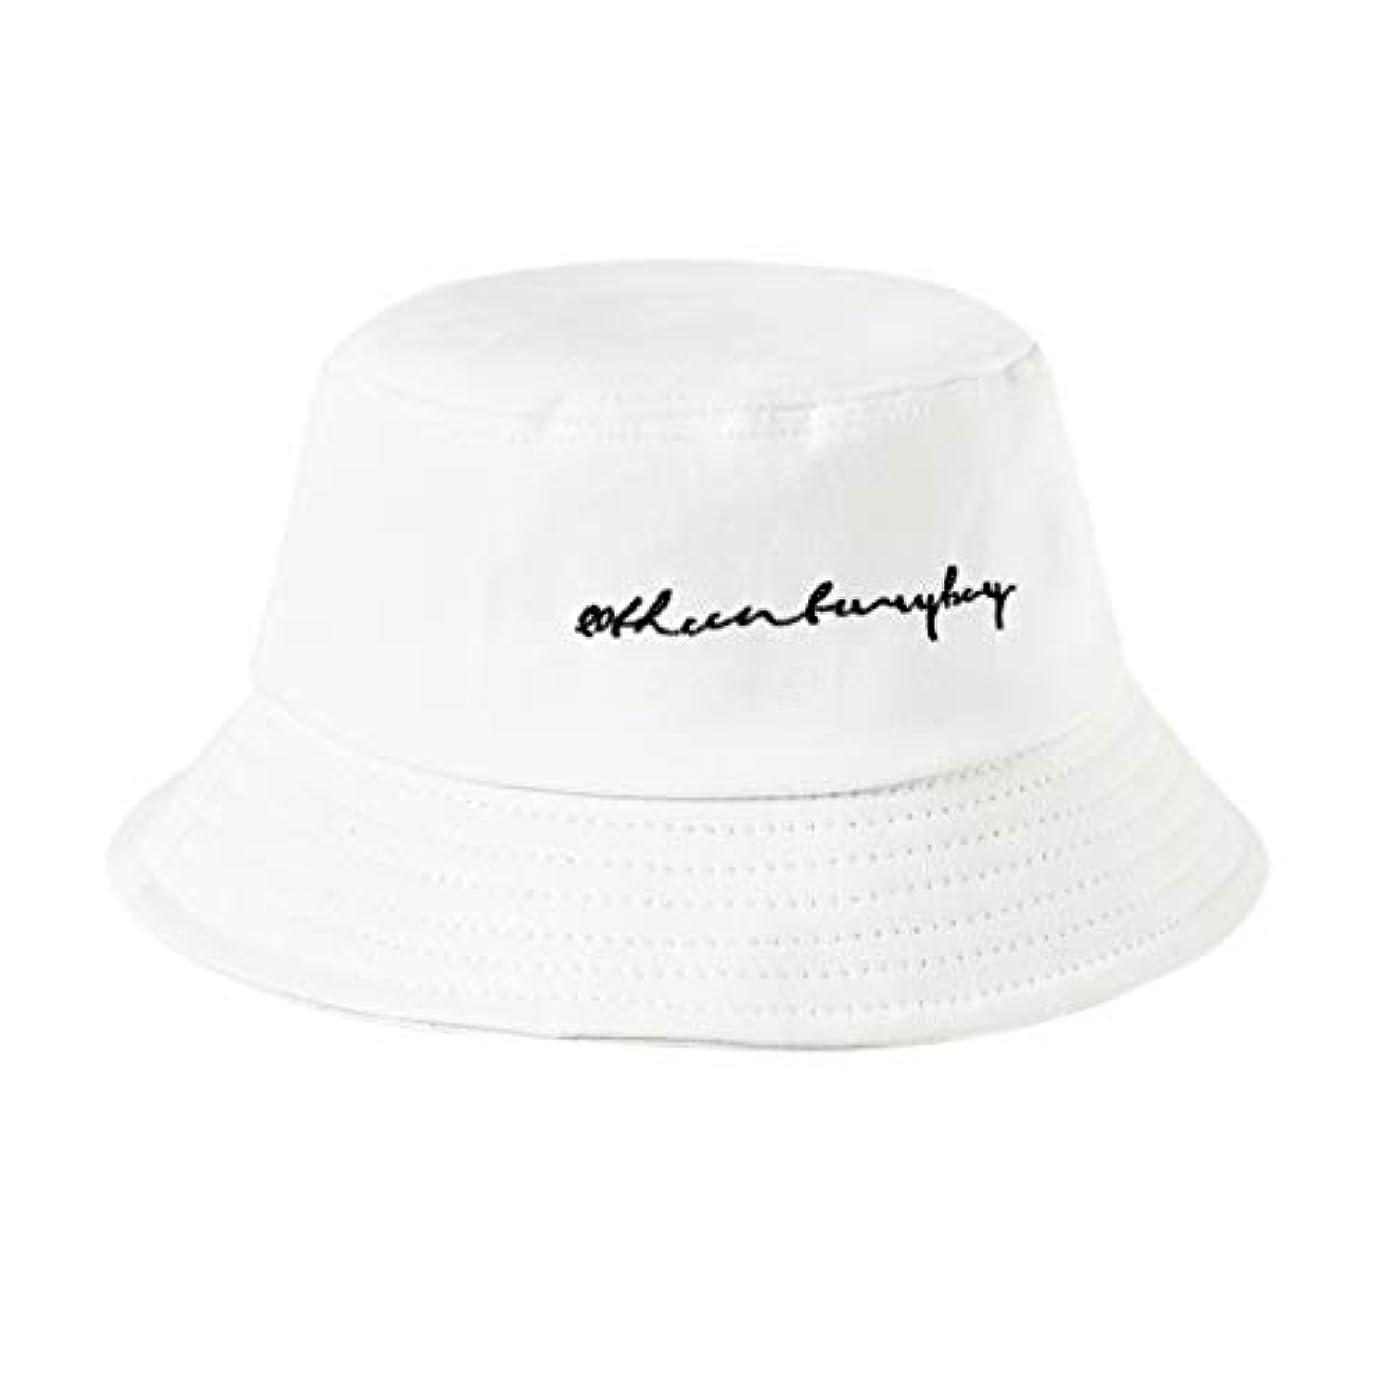 あまりにもドリンクタクトManyao 22色女性女の子面白い刺繍手紙広いつばバケツ帽子夏カジュアル原宿ヒップホップ学生スポーツ漁師キャップ